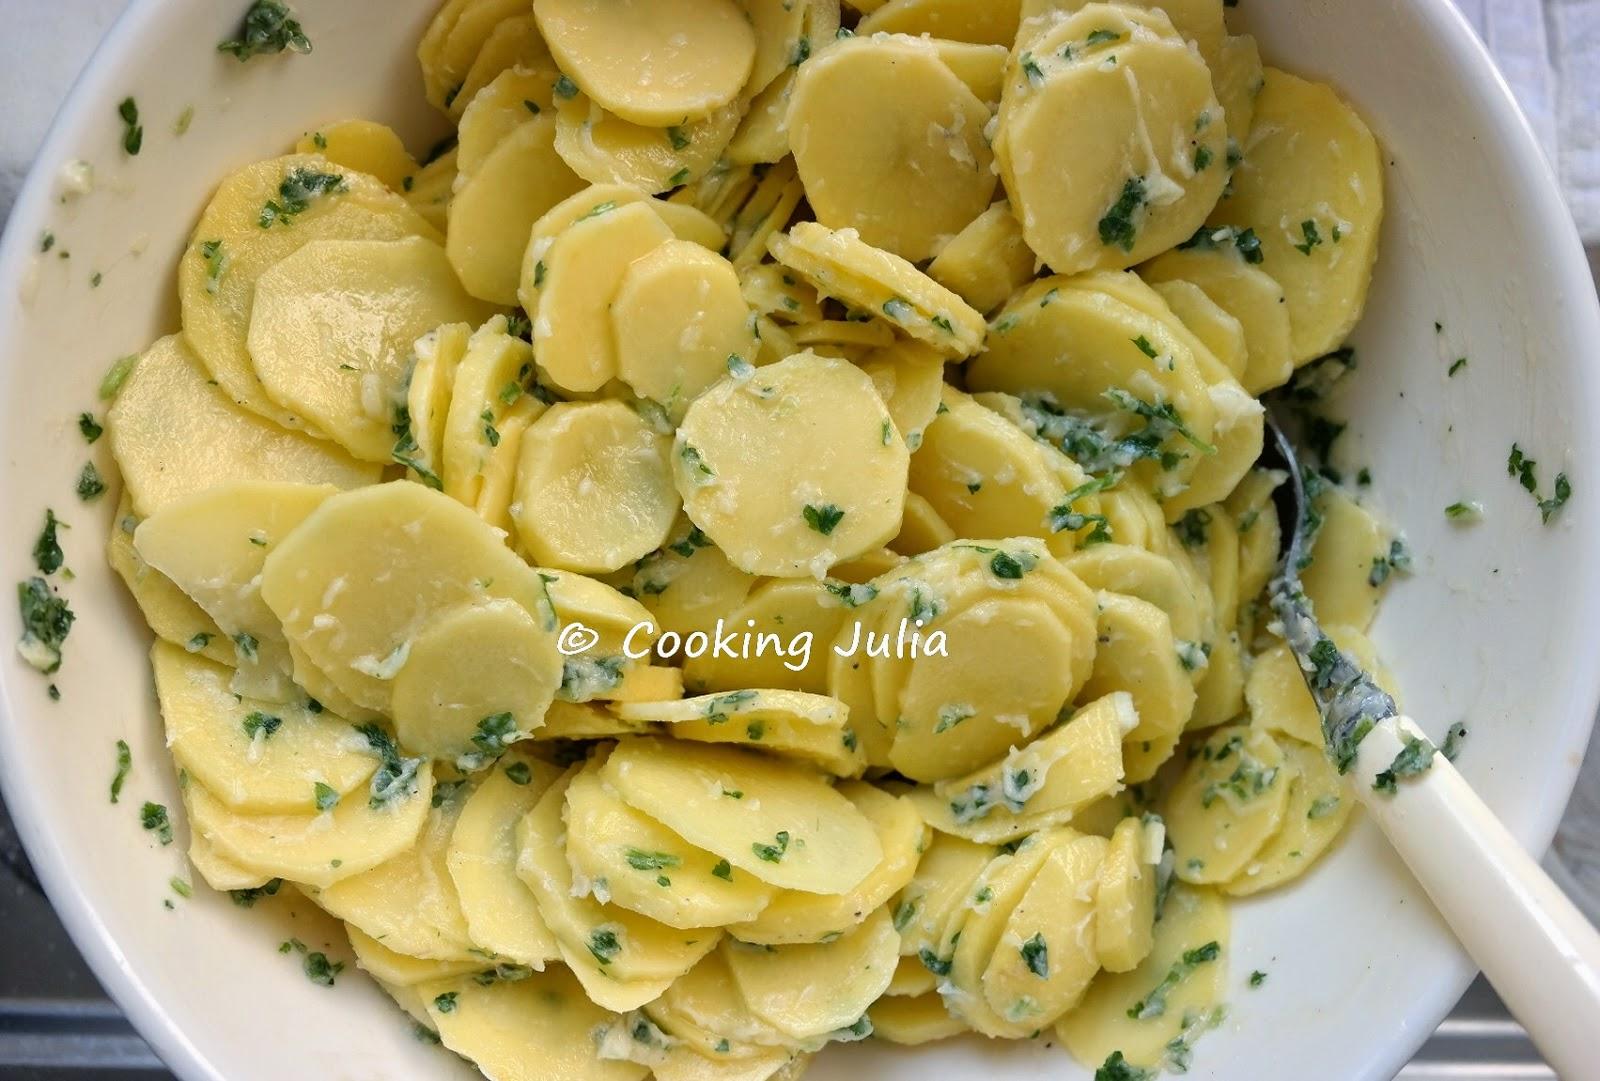 Cooking julia p t de pommes de terre - Pomme de terre au beurre ...